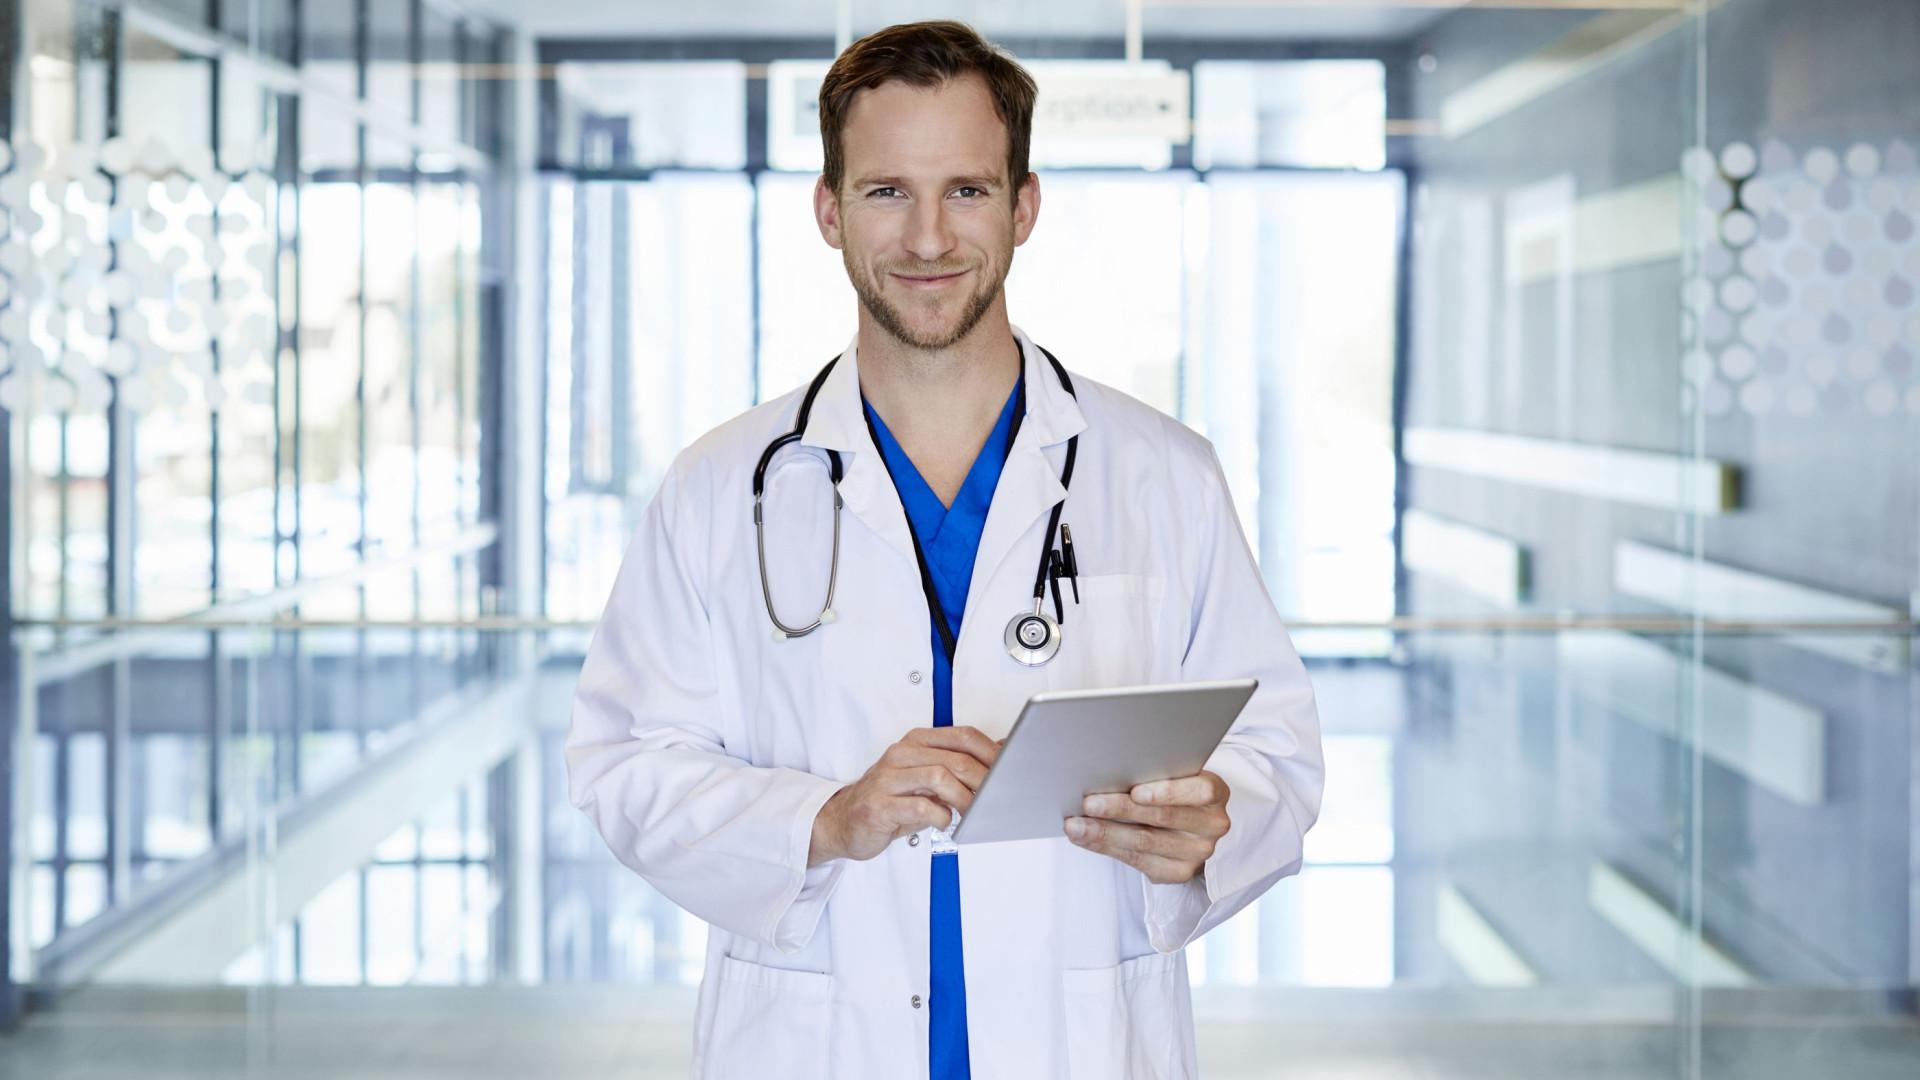 Conheça o médico que 27,1% dos portugueses nunca visita. É culpado?